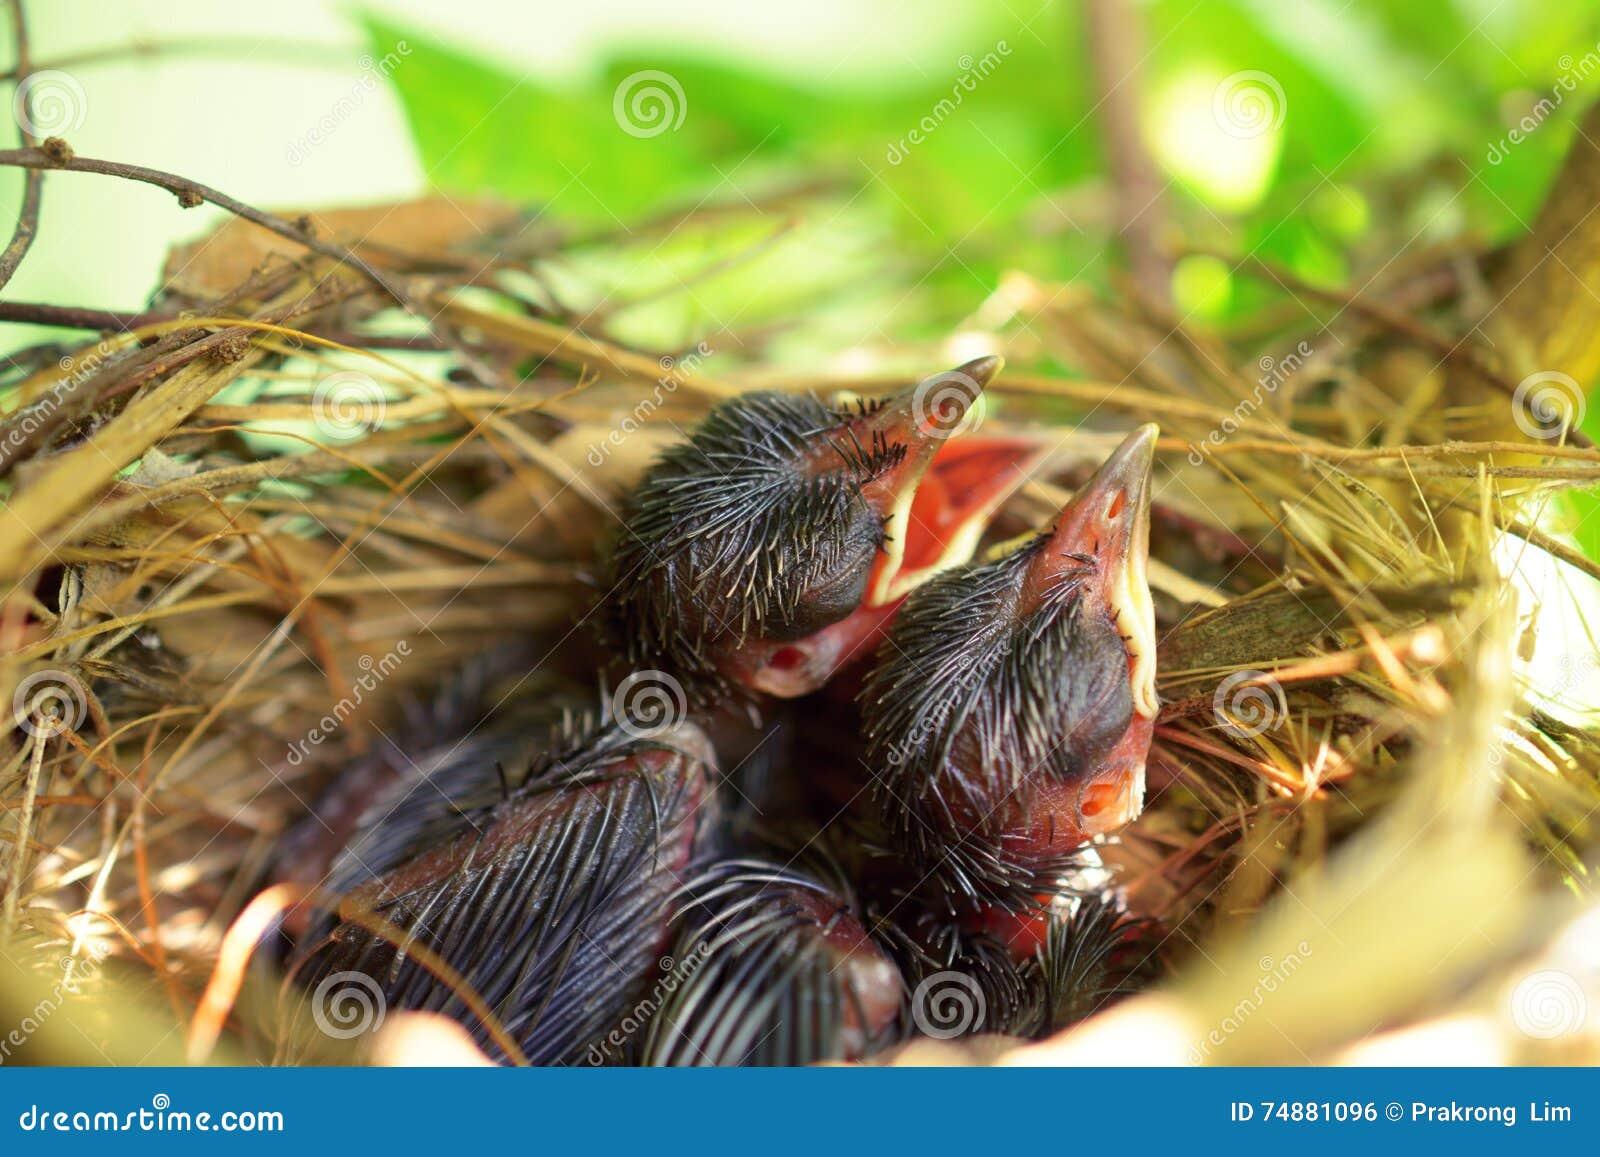 Pássaros de bebê com fome recém-nascidos